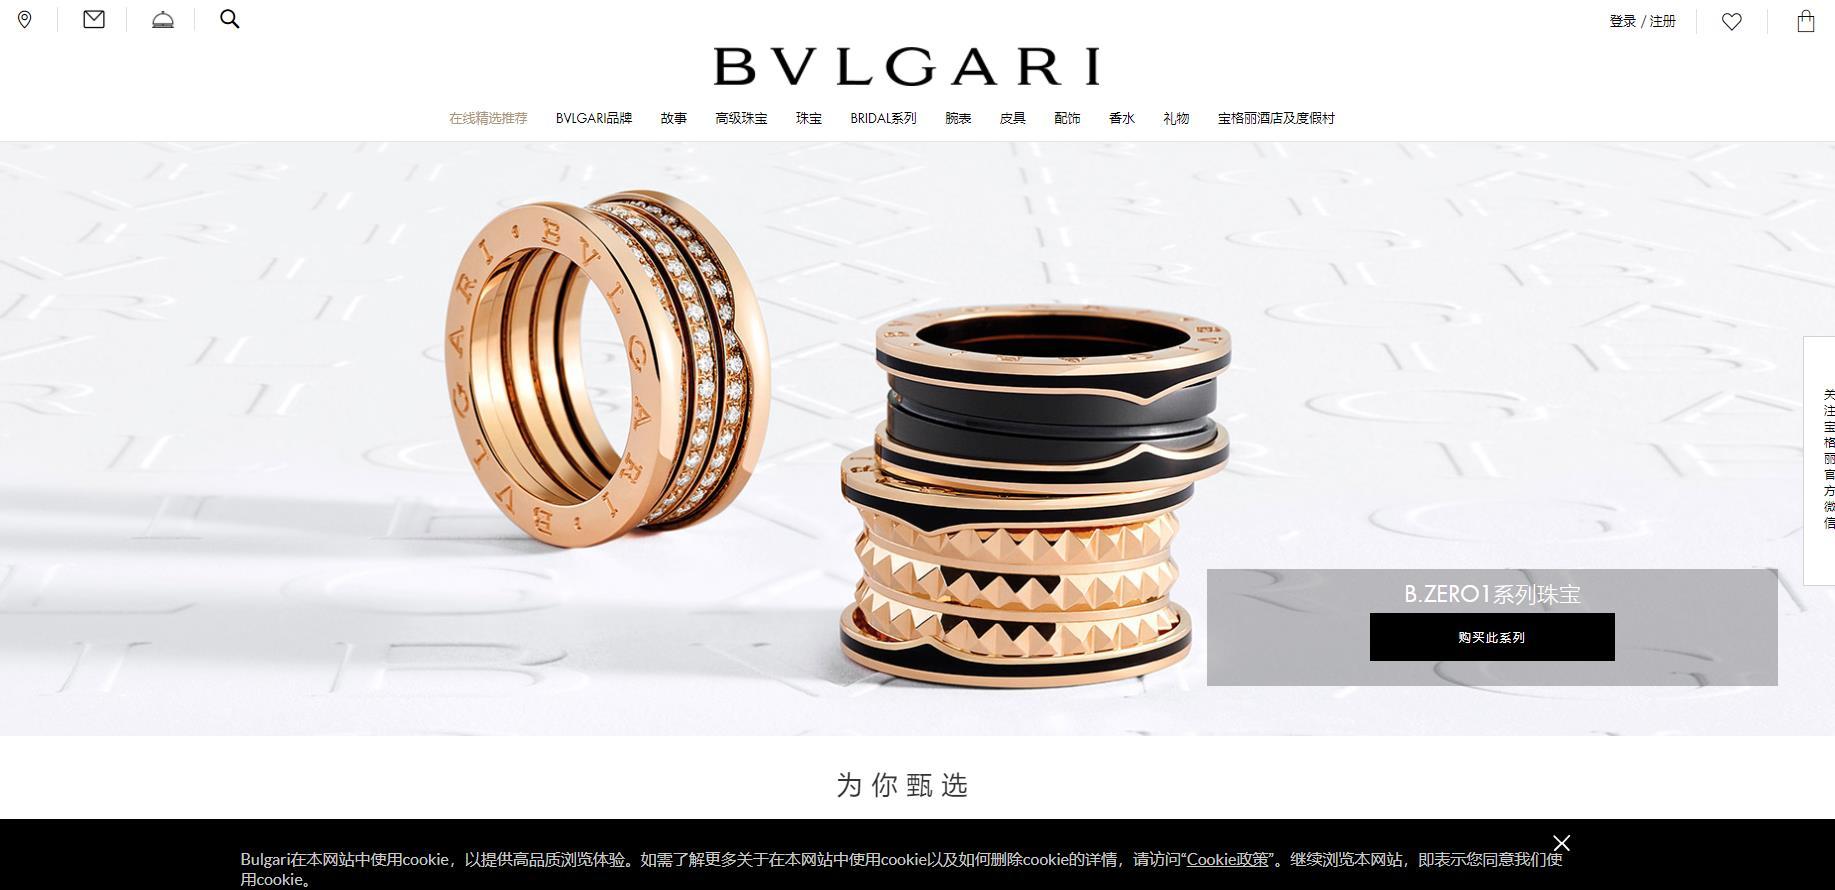 宝格丽(BVLGARI)官网 意大利奢侈珠宝品牌